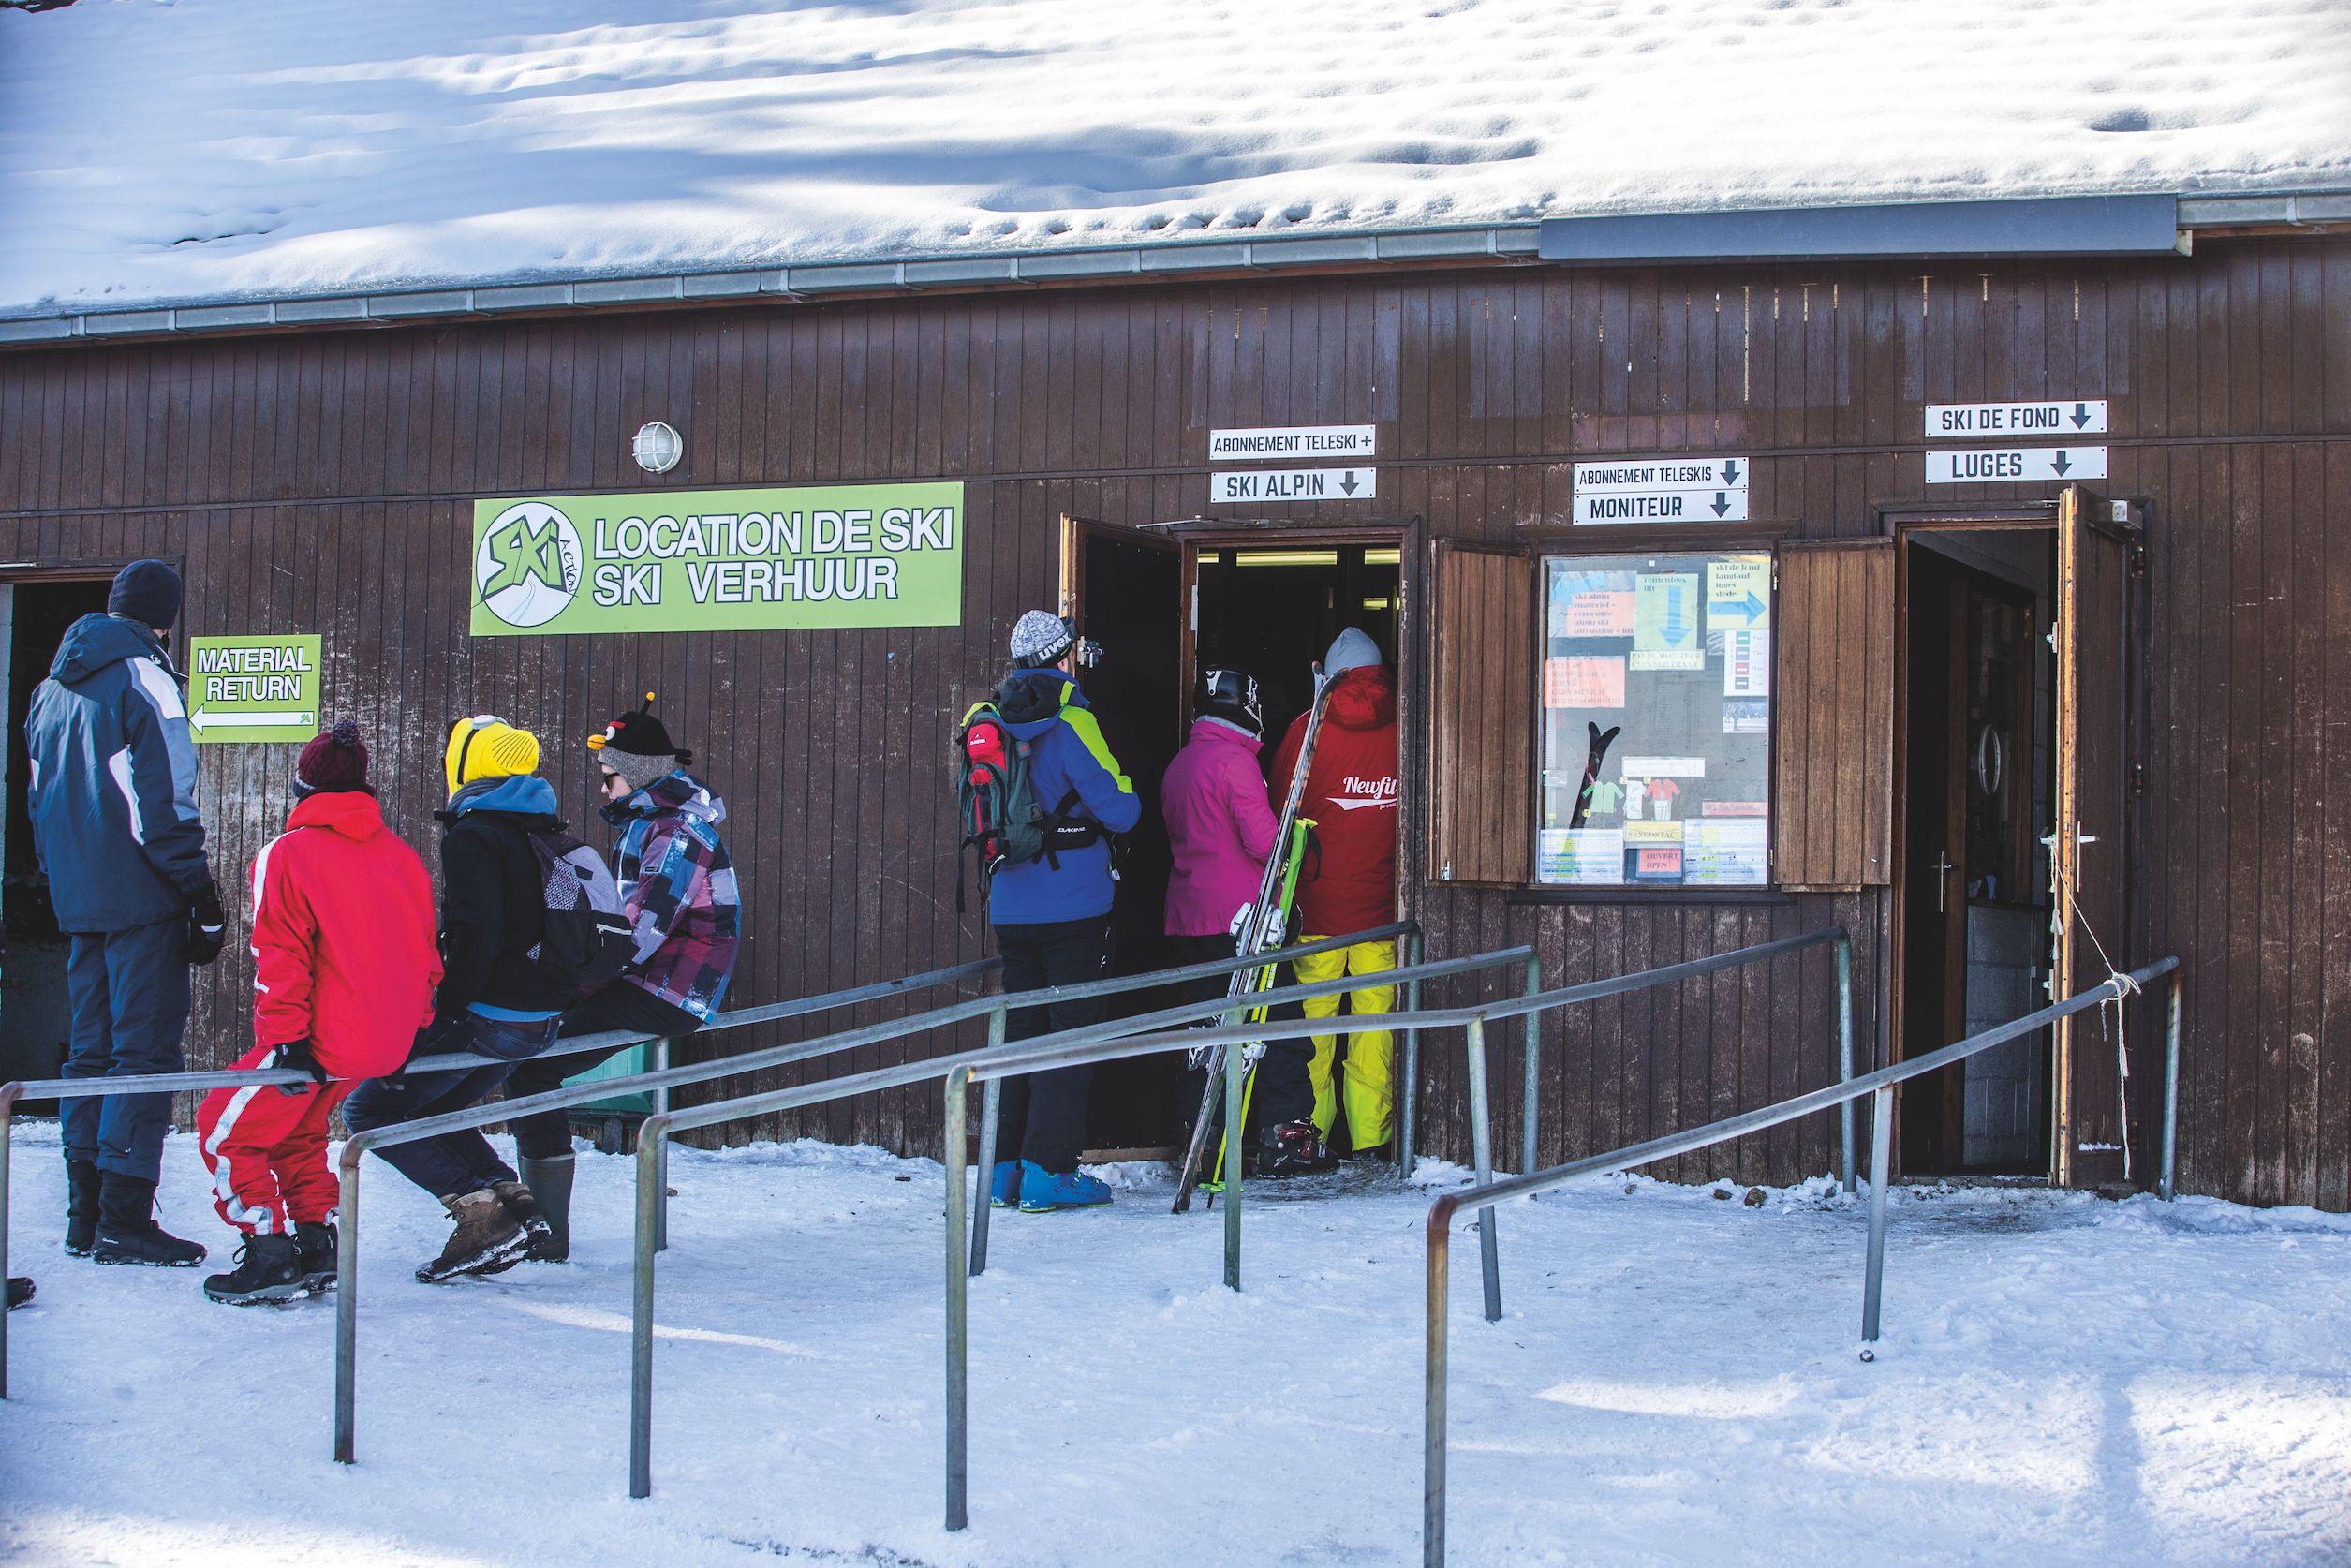 Baraque De Fraiture Beide Benen Op Belgische Grond Wintersport Weblog